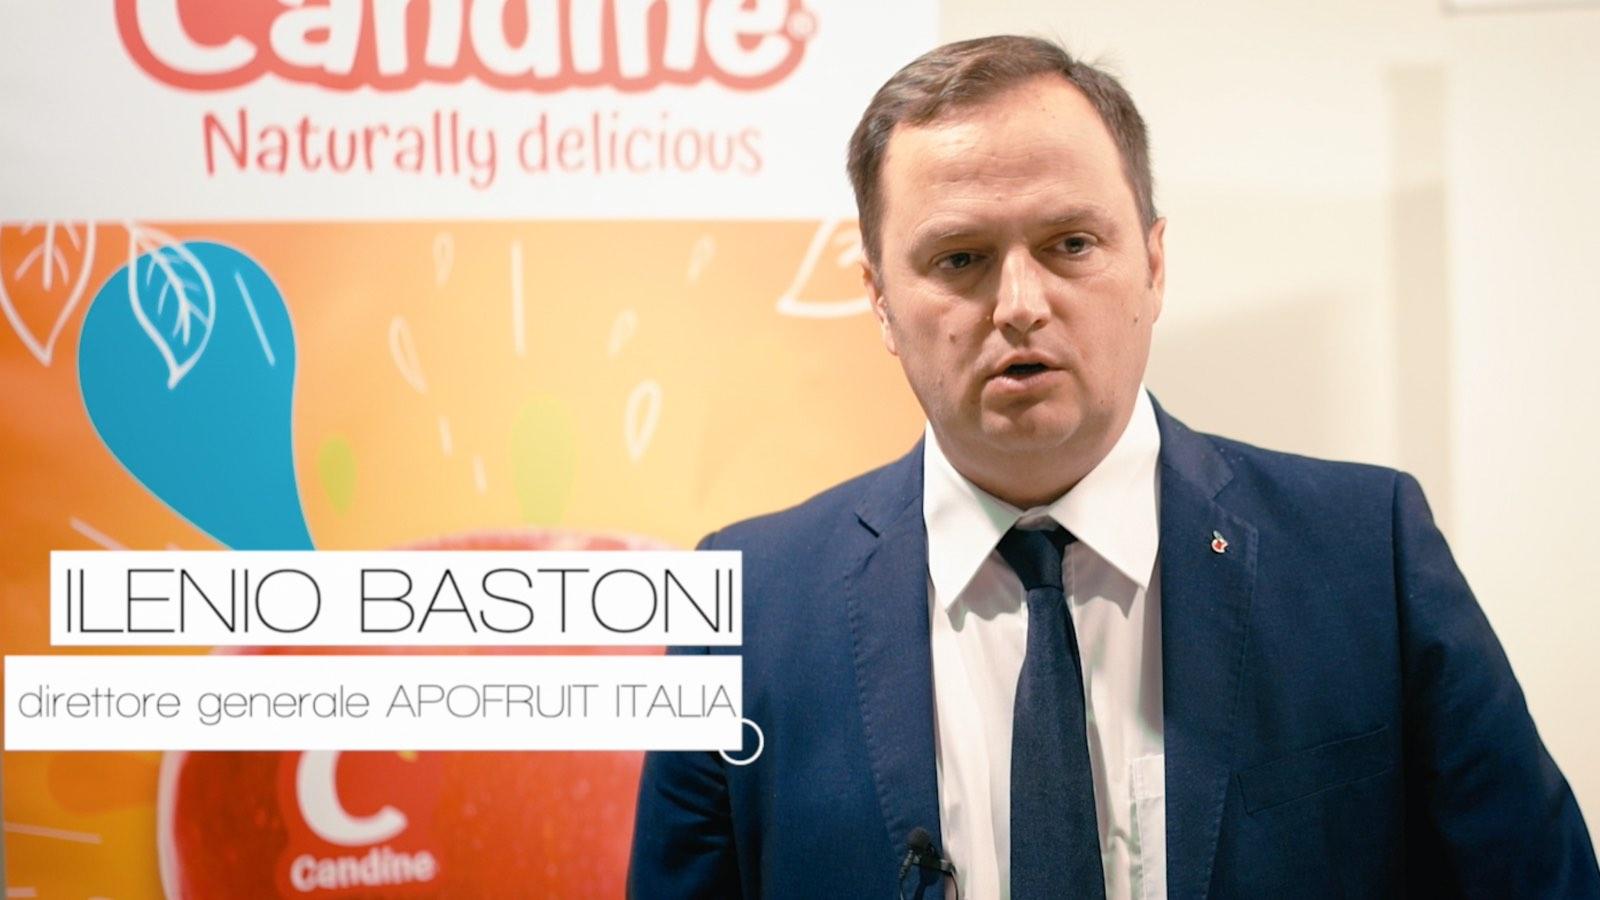 Ilenio-Bastoni-Apofruit-Interpoma-Fm-2018